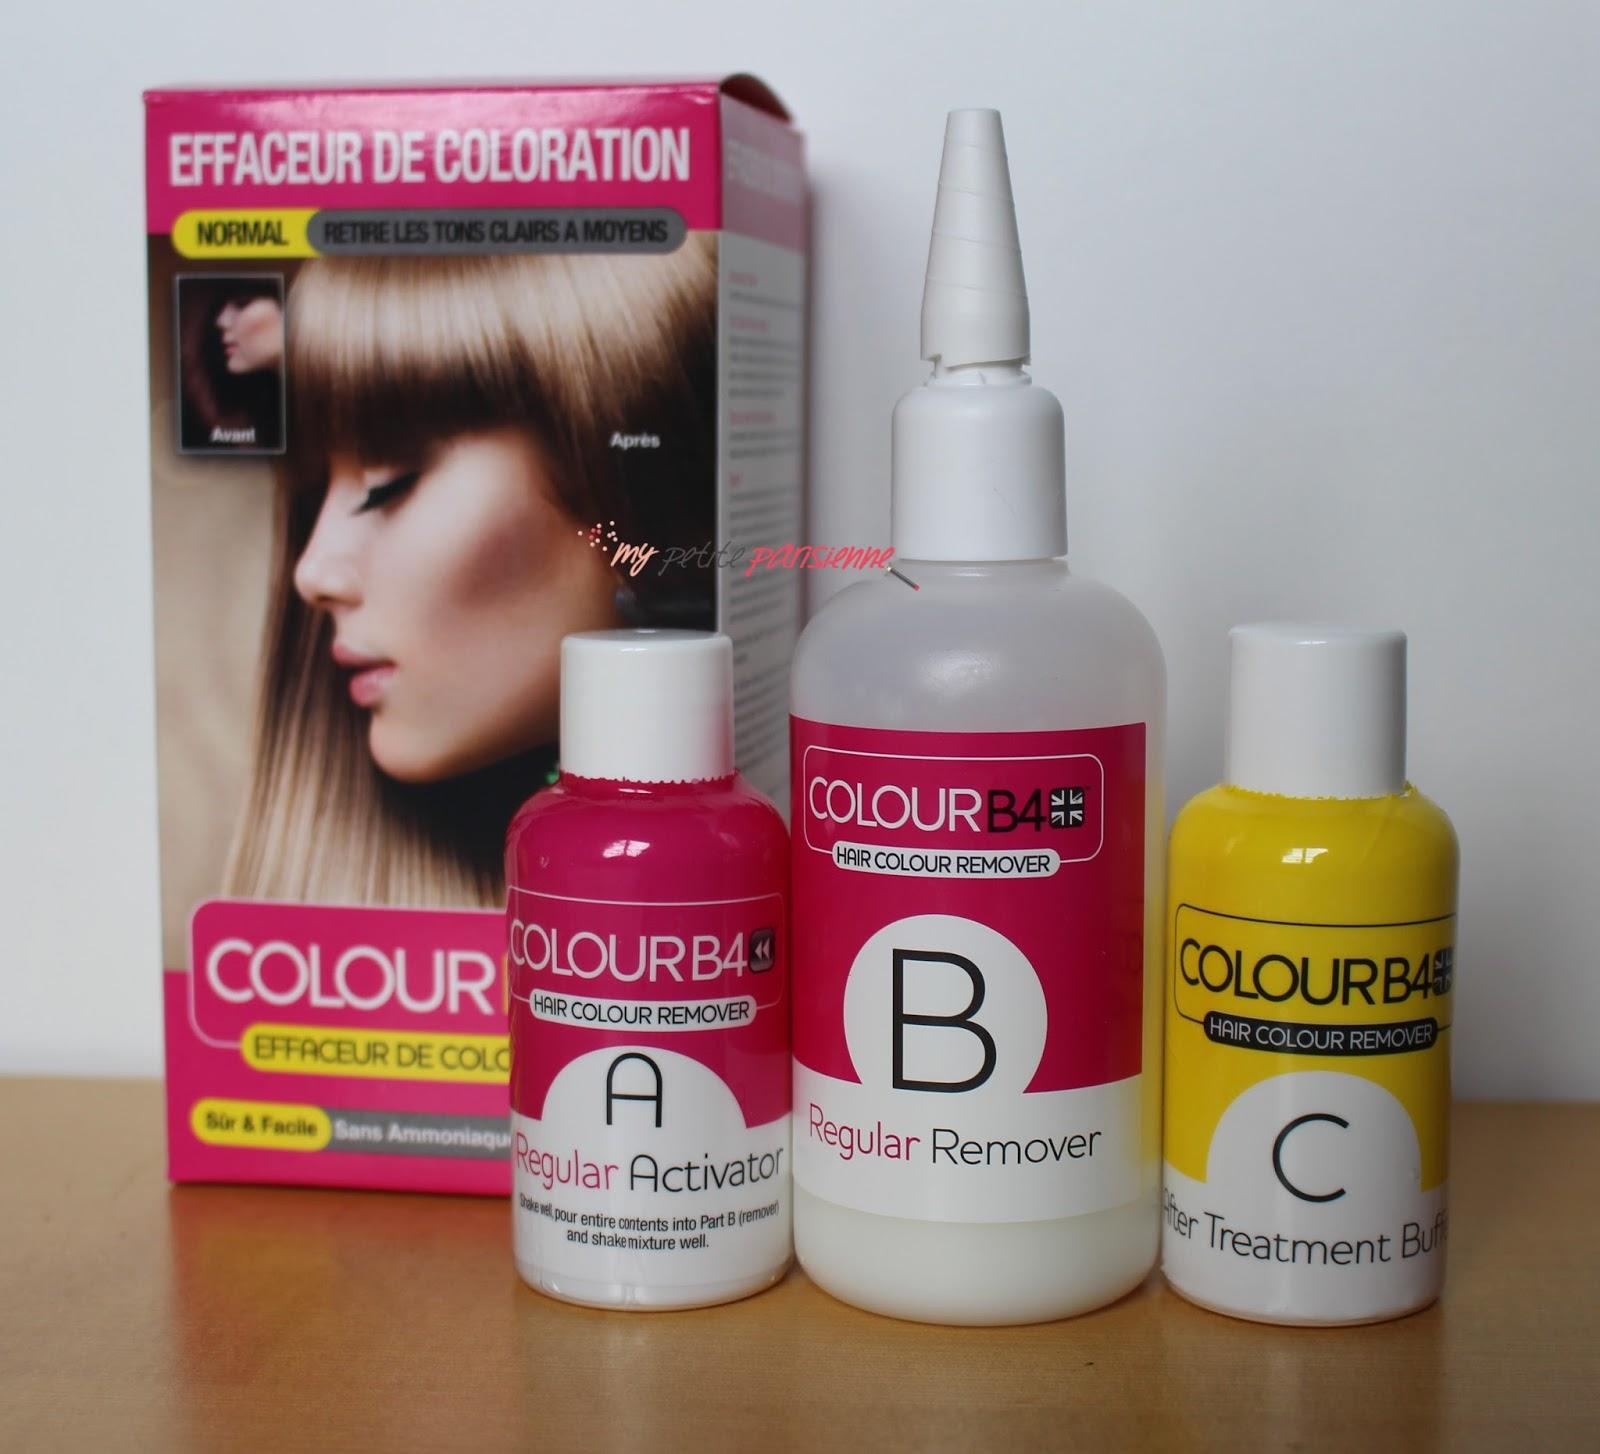 La laque couleur pour cheveux